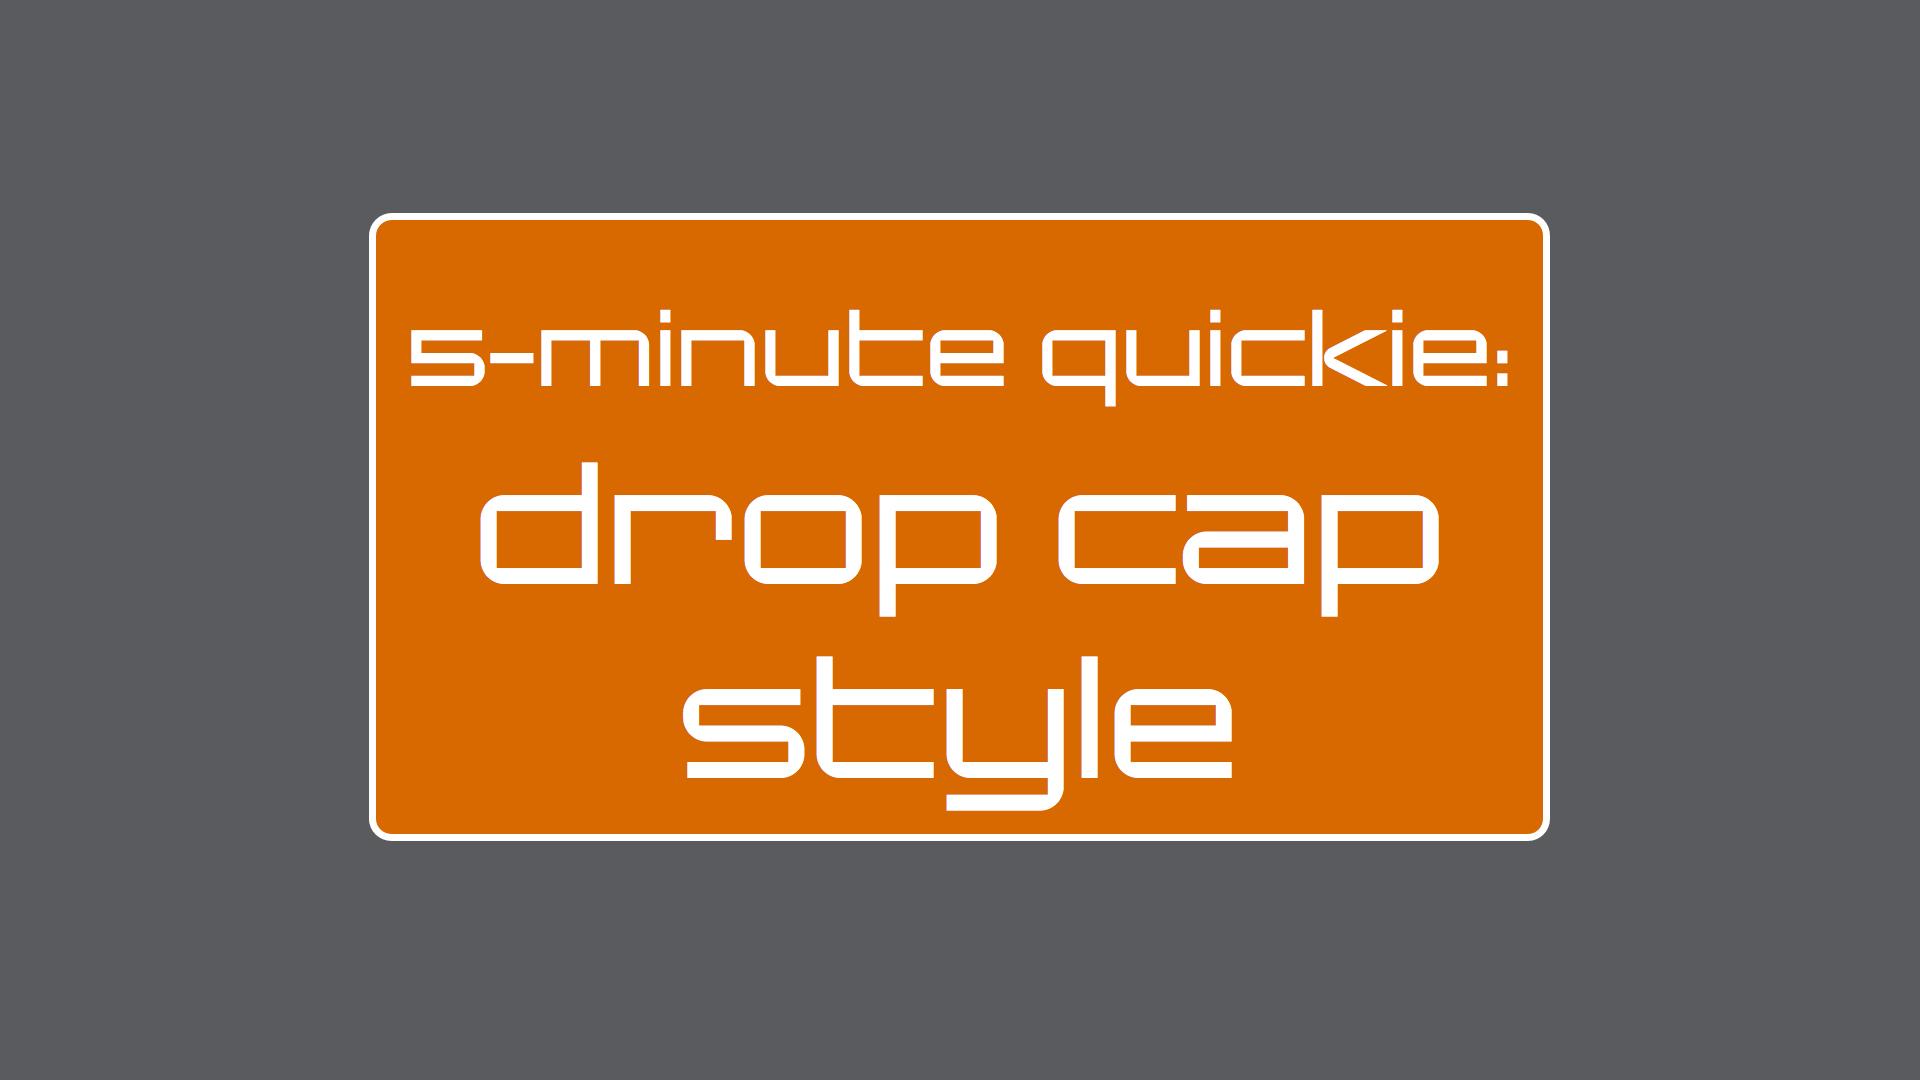 5MQ_DropCap_thumb